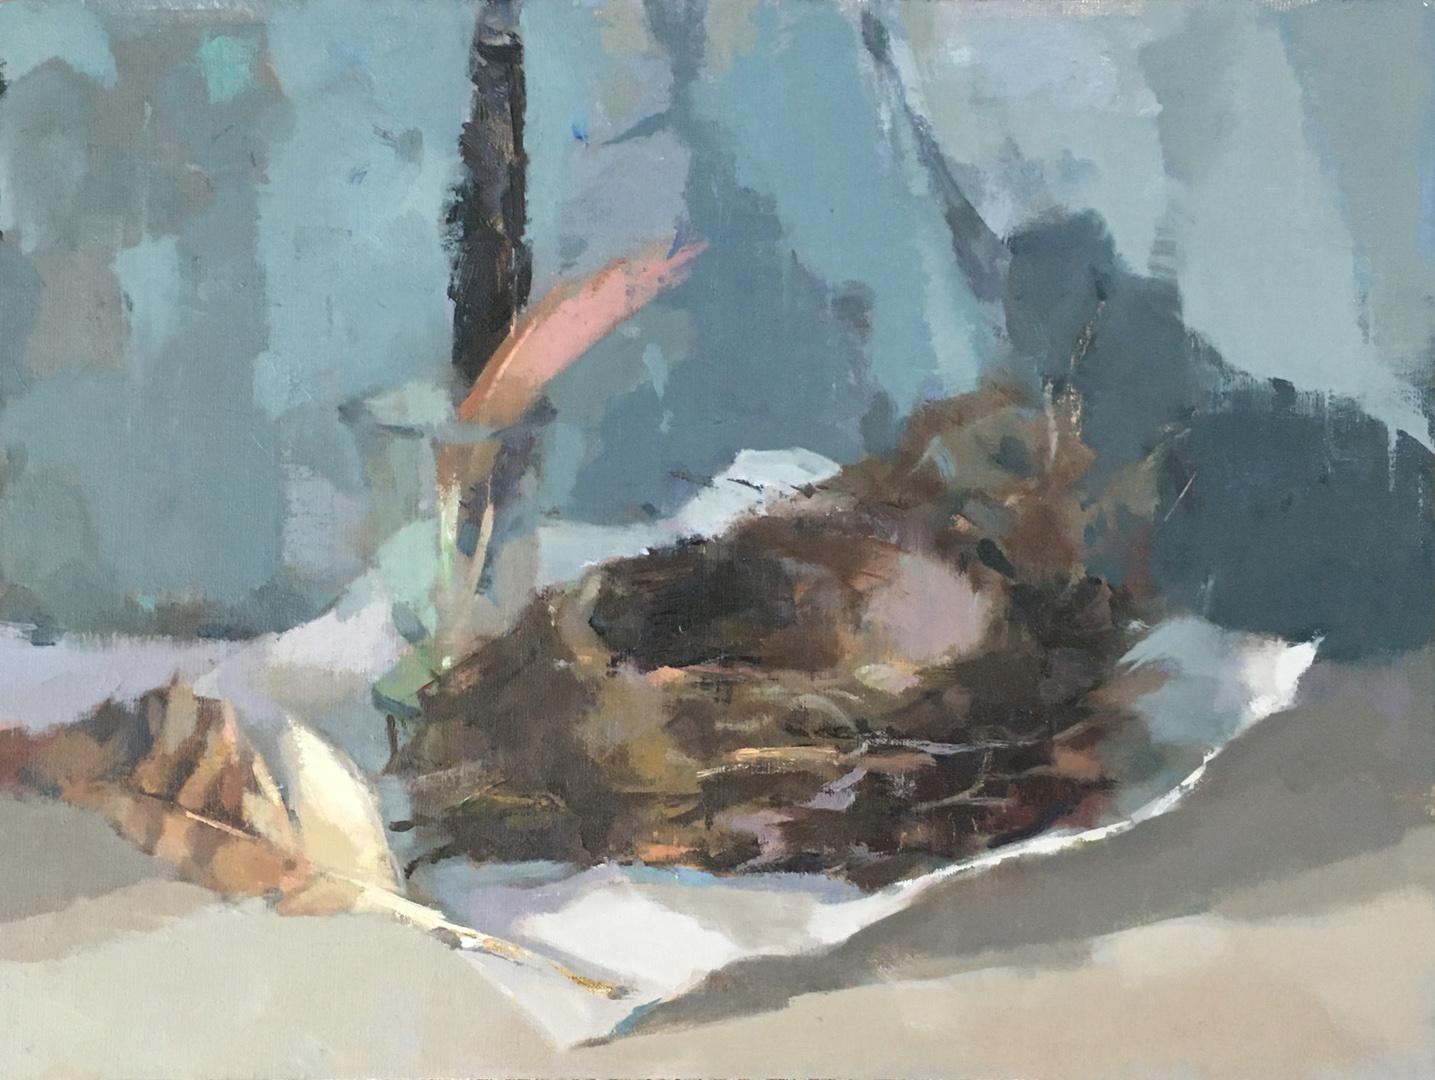 Artist Bernard Dellario